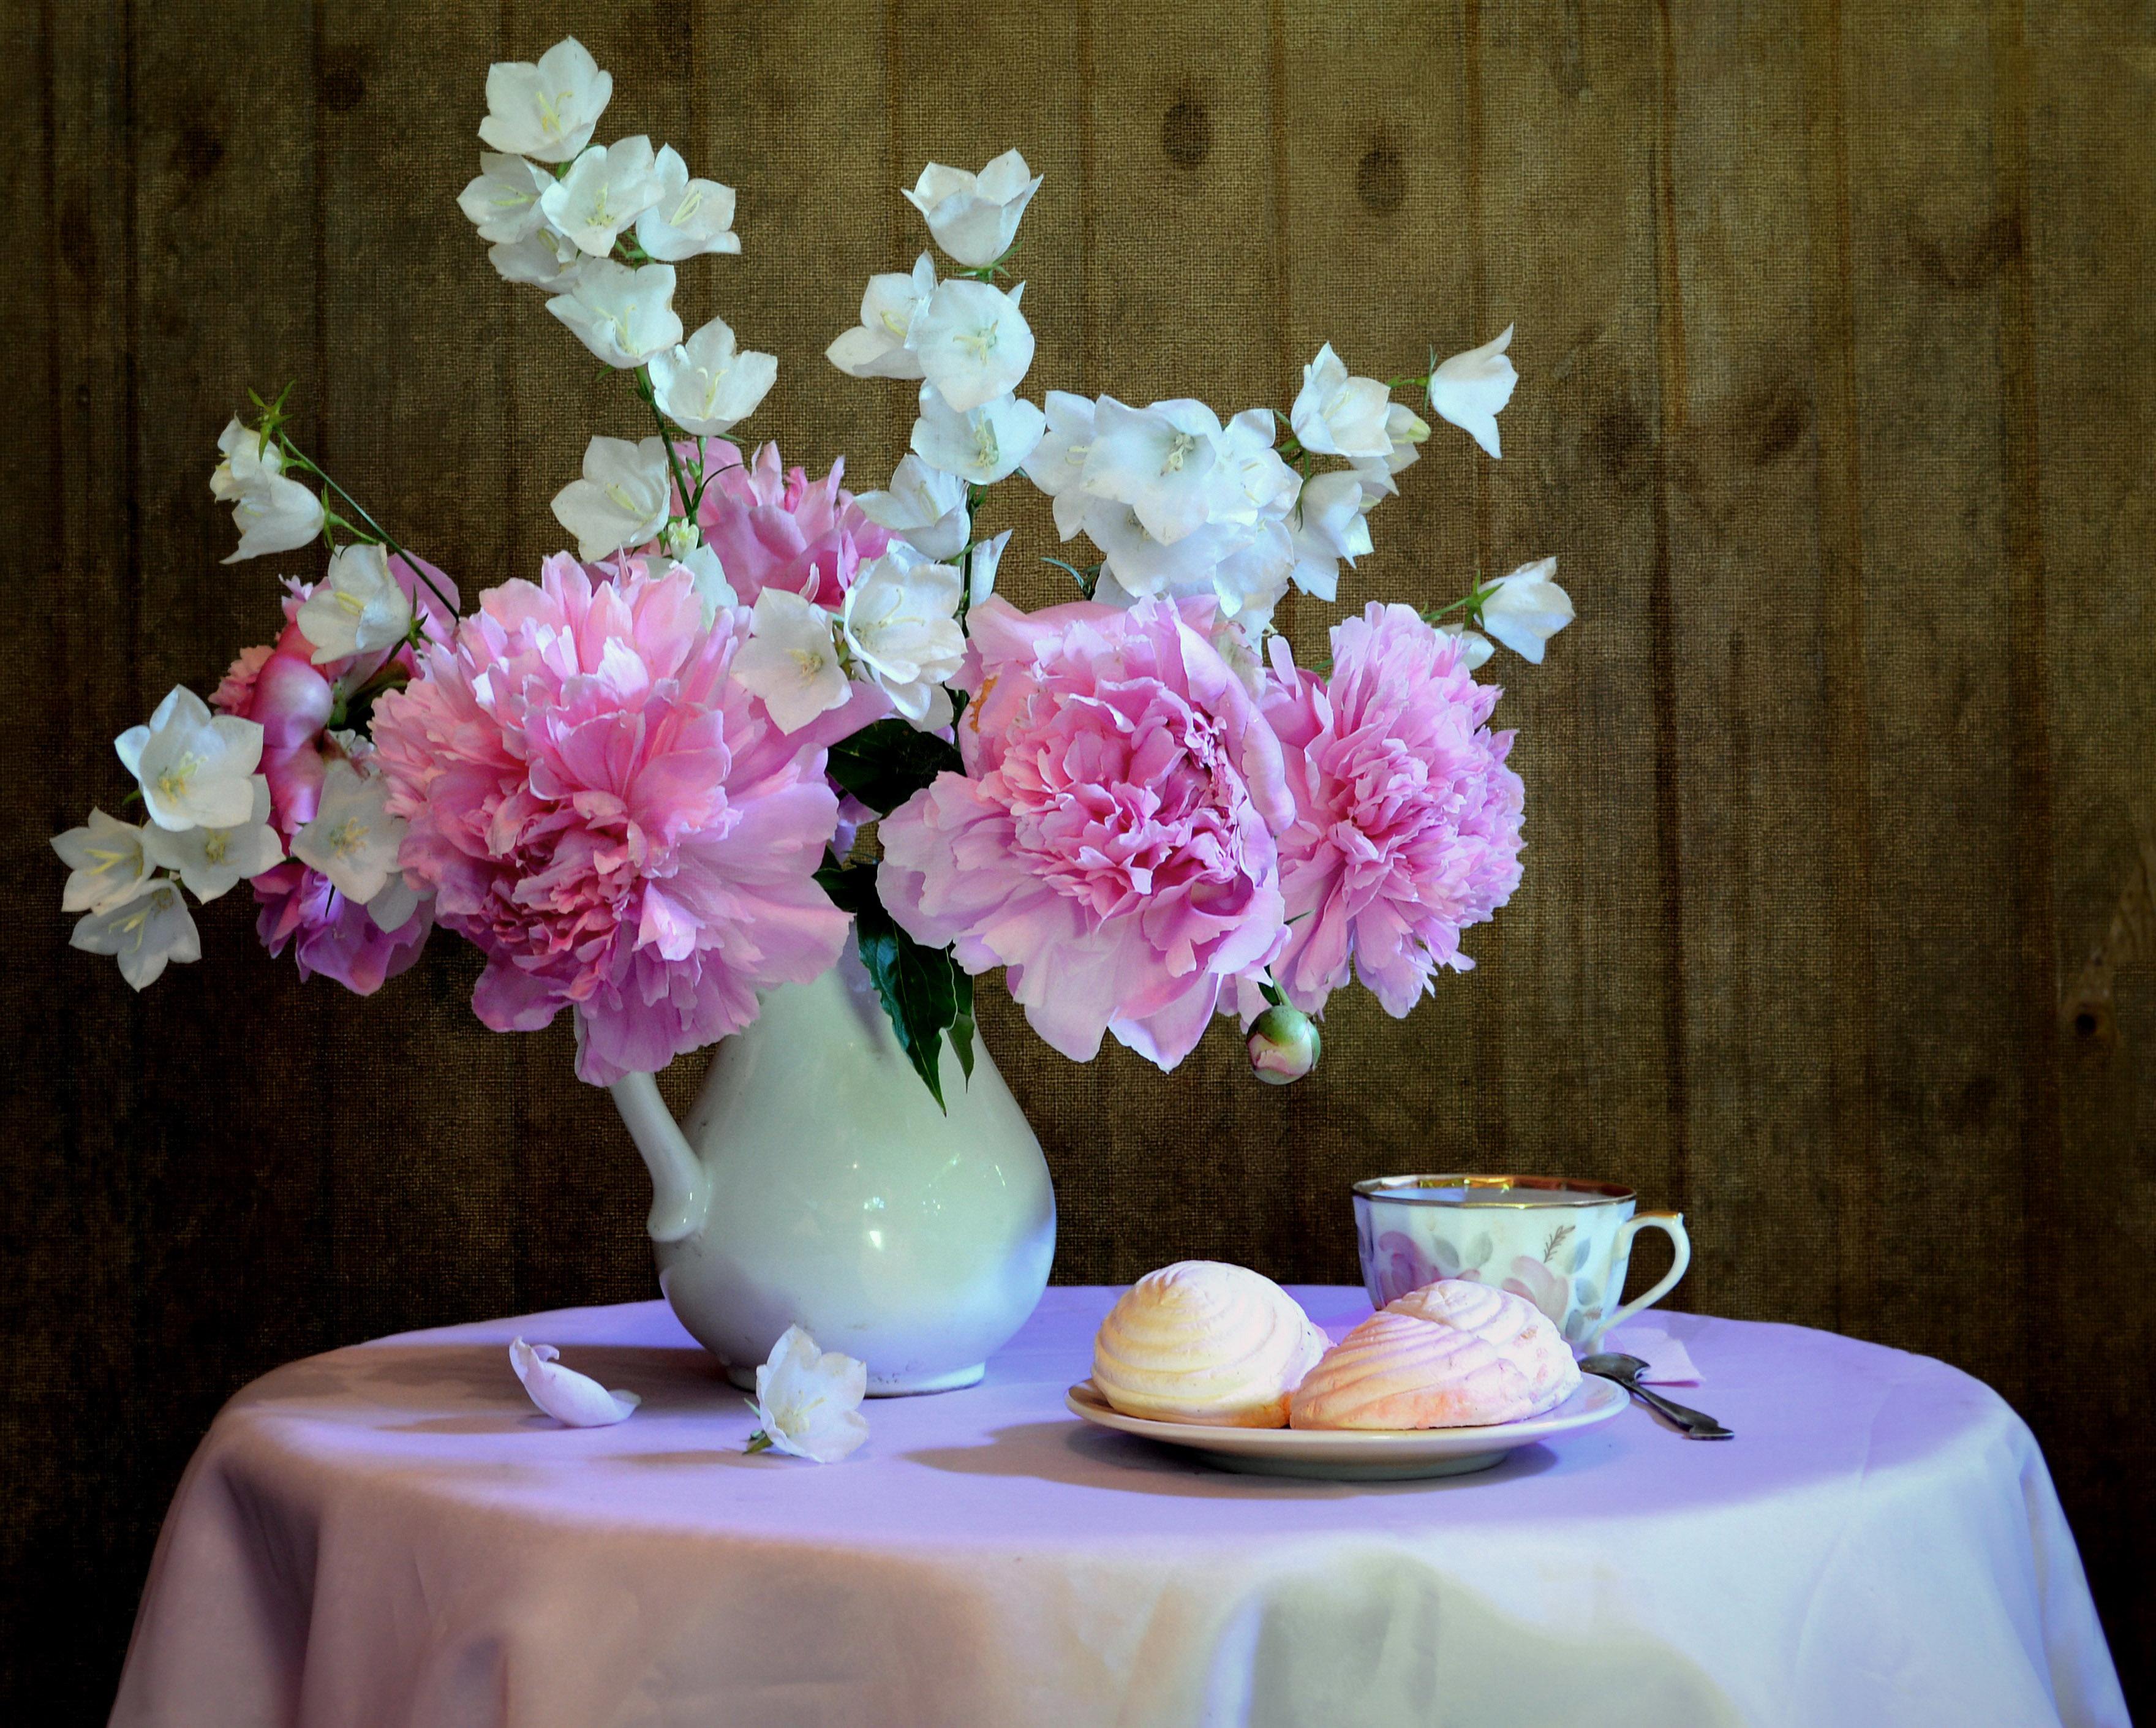 Картинки цветы в вазе на столе, надписью единственная сестра